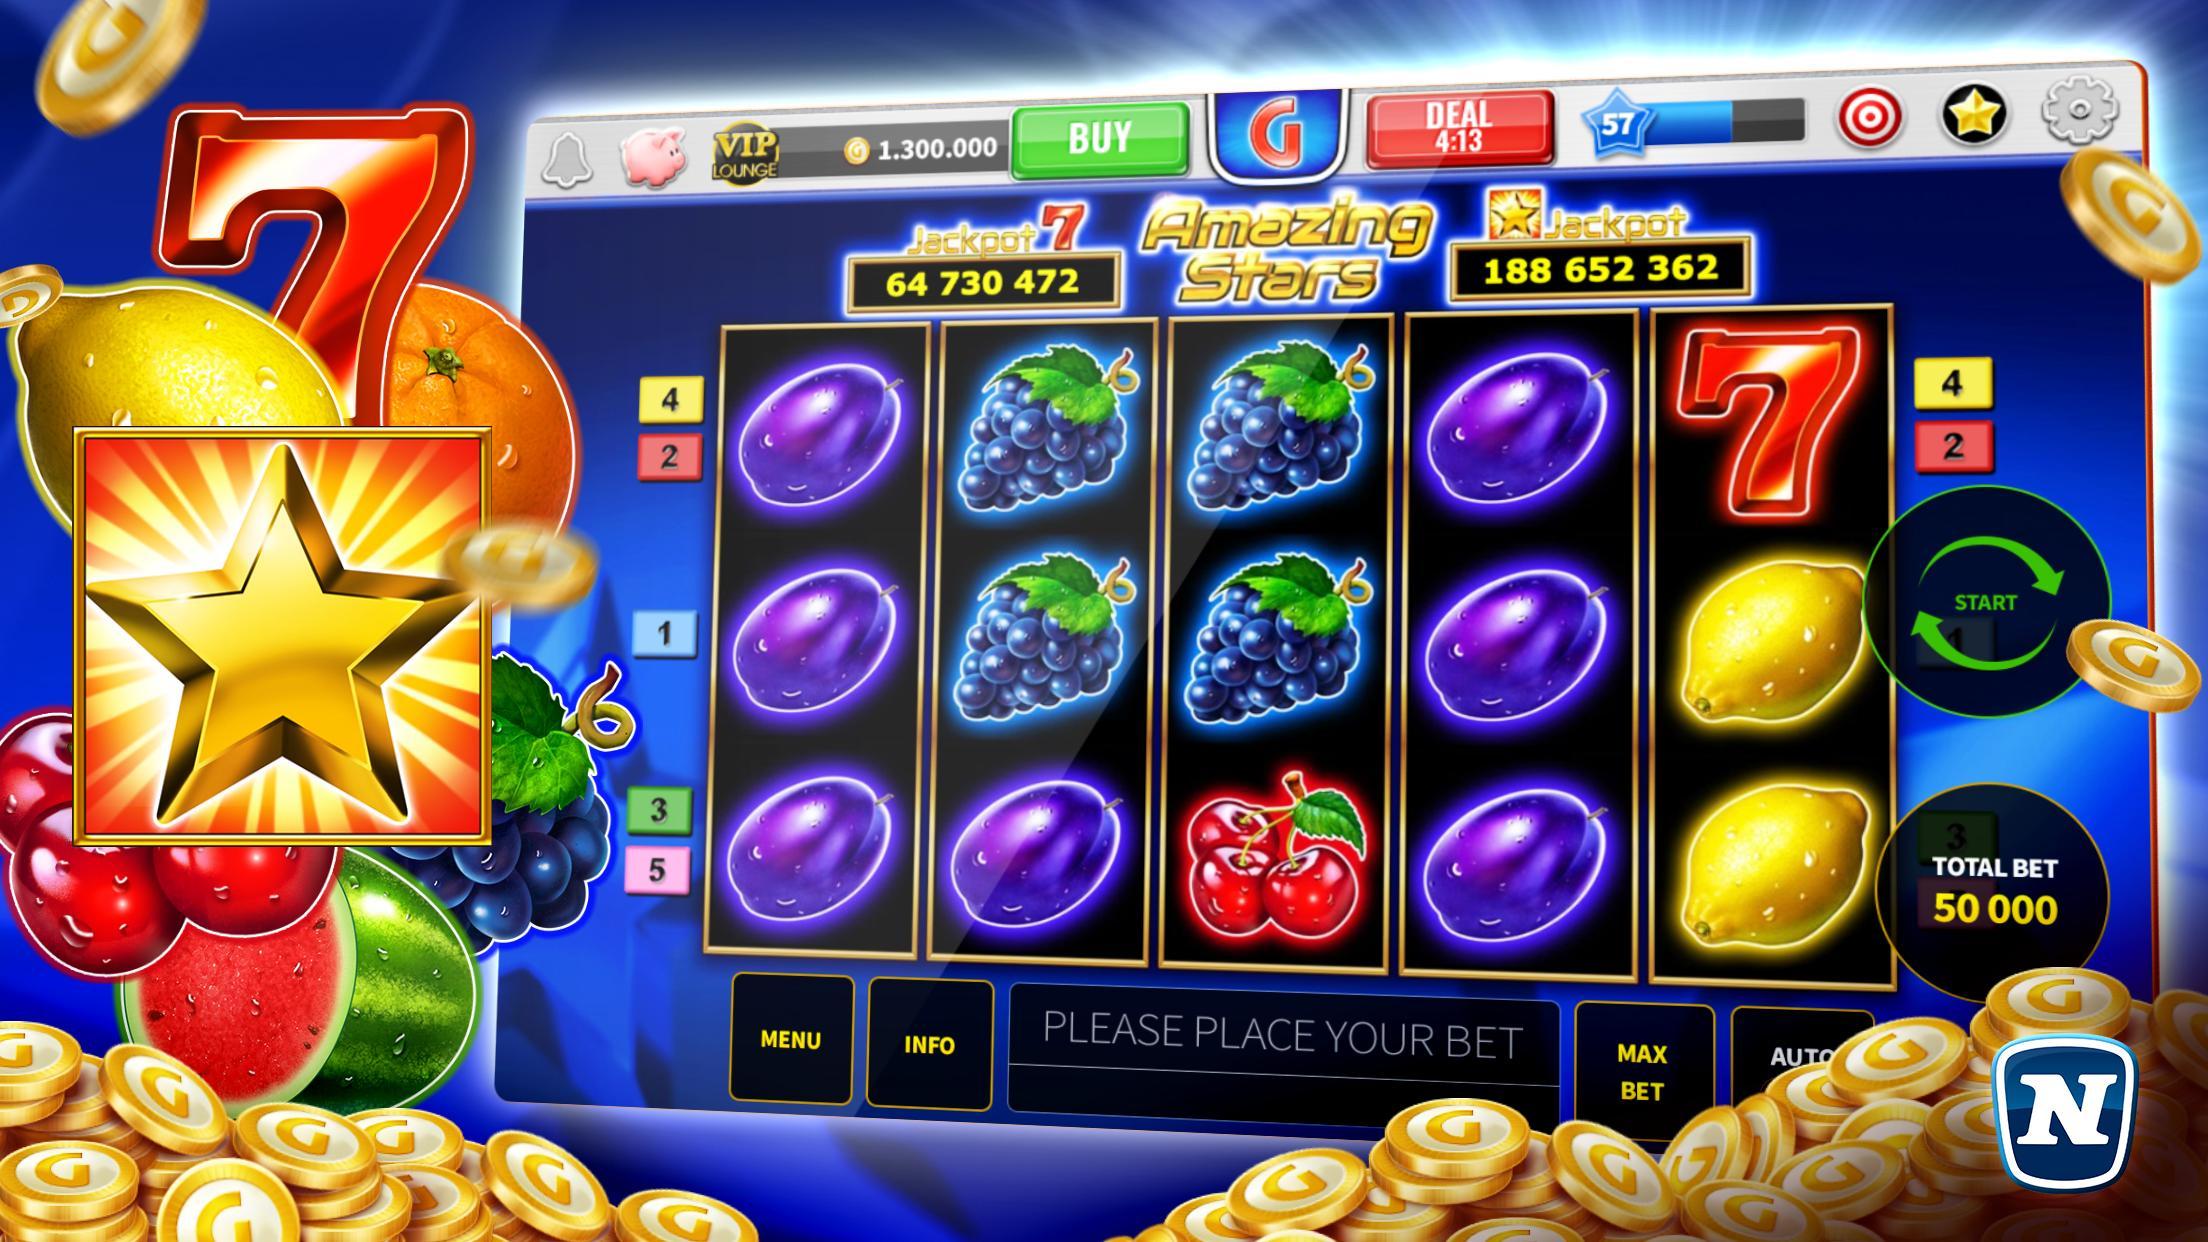 Скачать бесплатные игровые автоматы гаминаторы казино клуб адмирал промокод